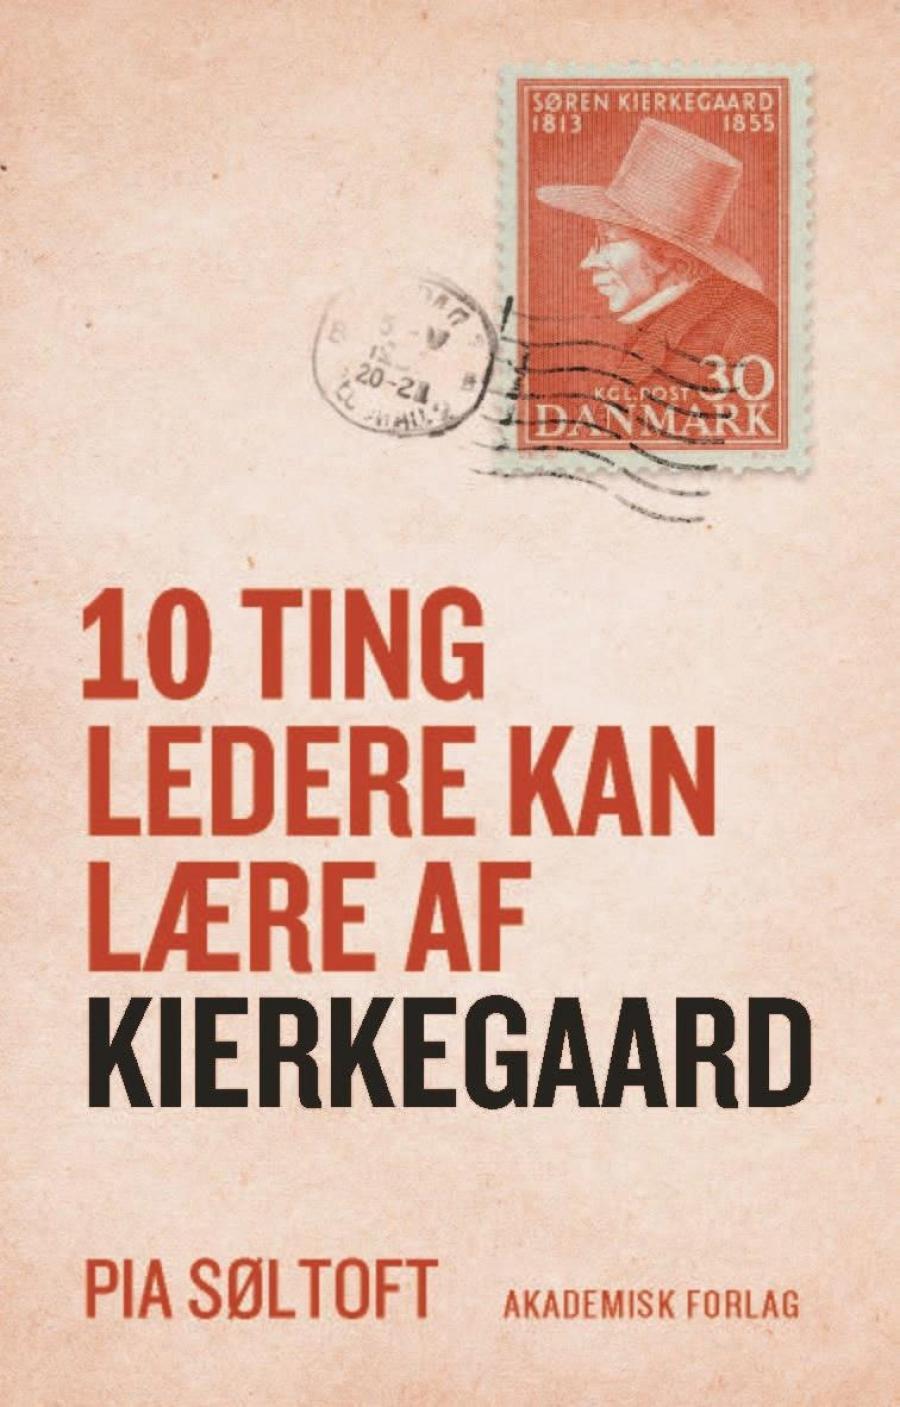 10 ting ledere kan lære af Kierkegaard